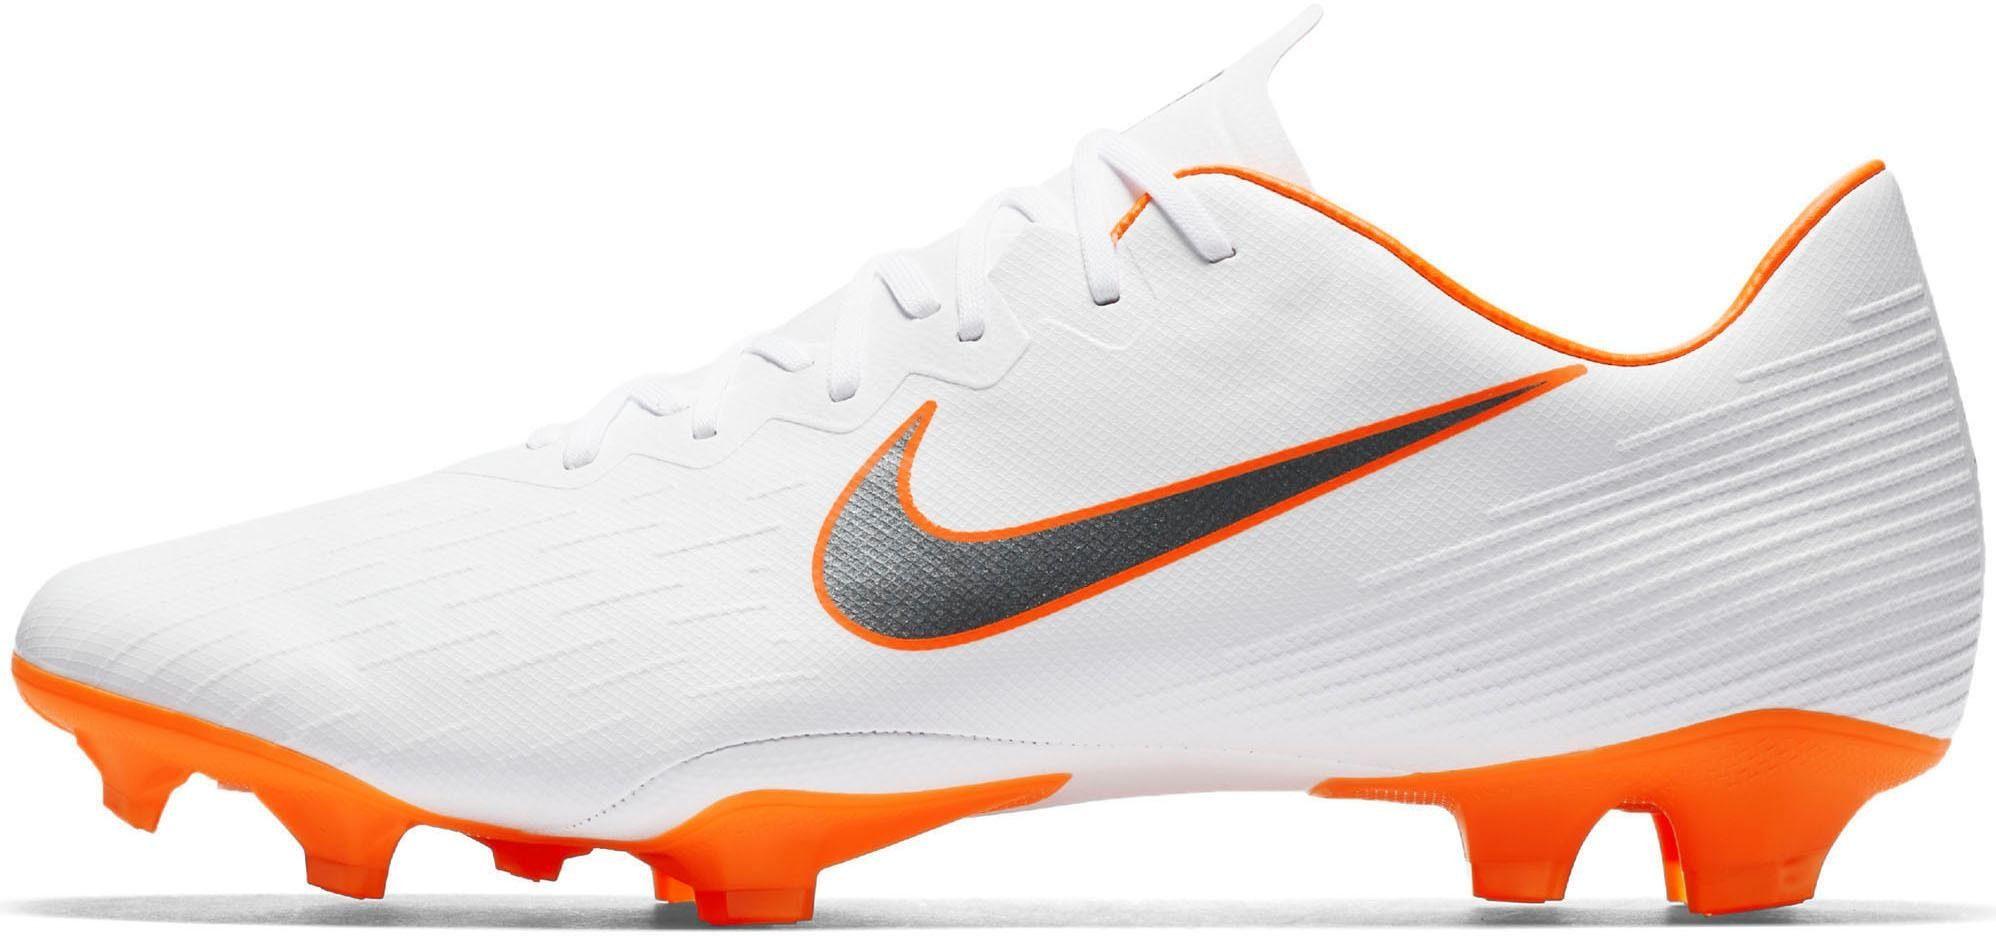 Nike Vapor 12 Pro (FG) Firm-Ground Fußballschuh  weiß-neonorange